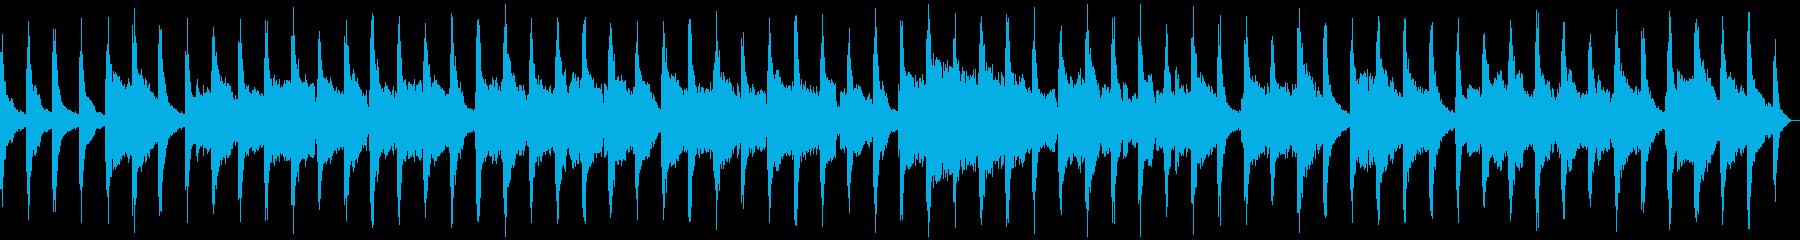 尺八とピアノによる和風インストの再生済みの波形